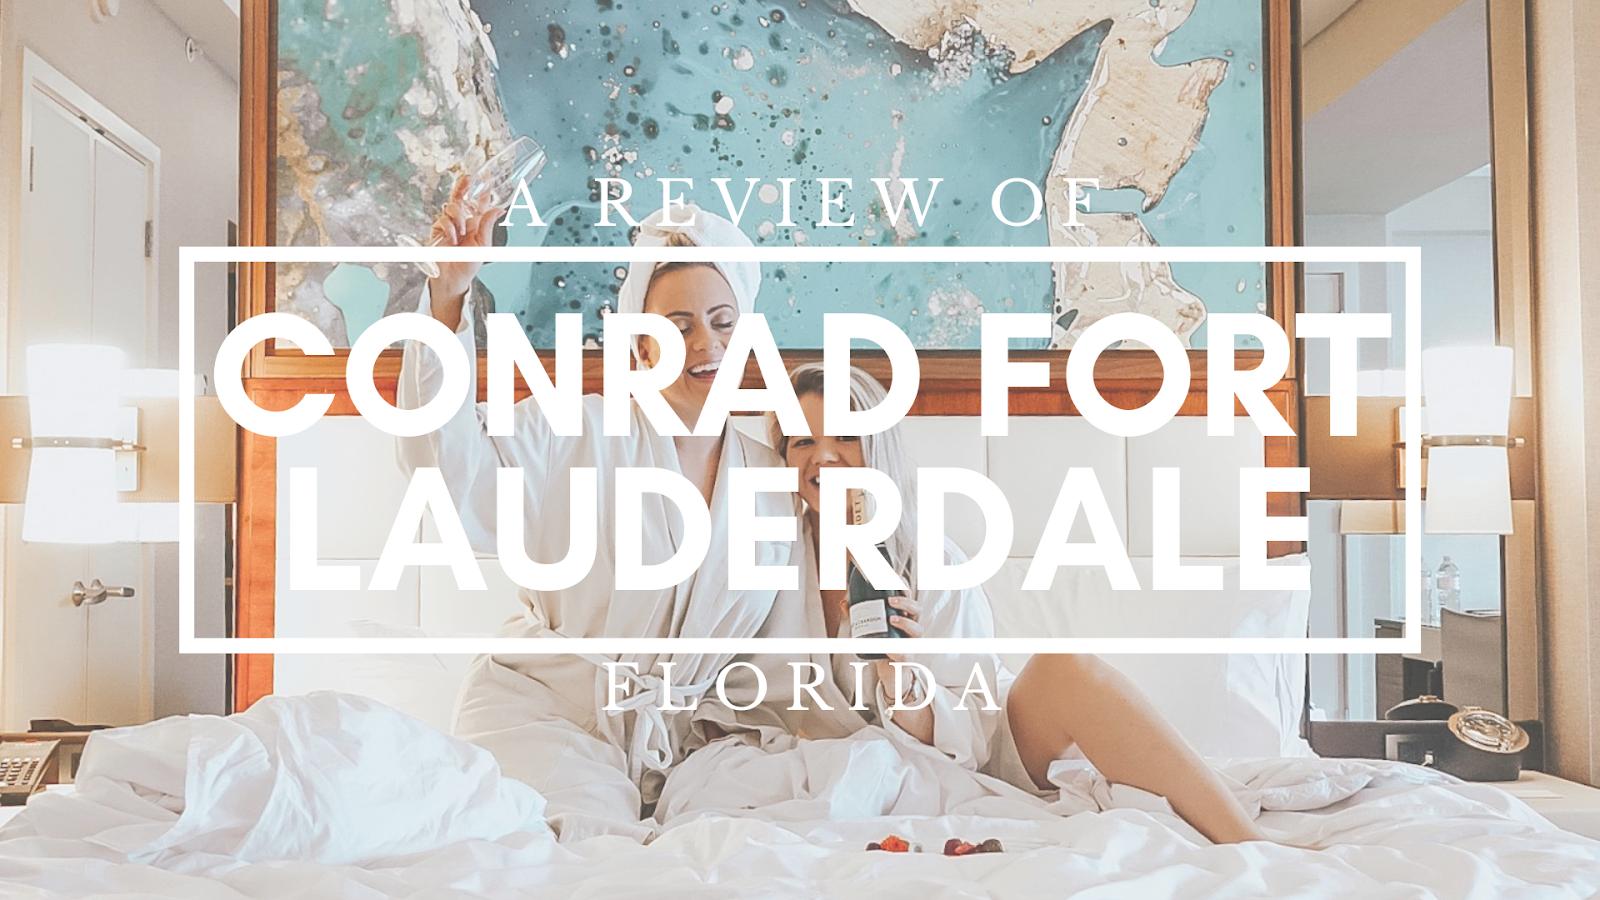 Conrad Fort Lauderdale Florida